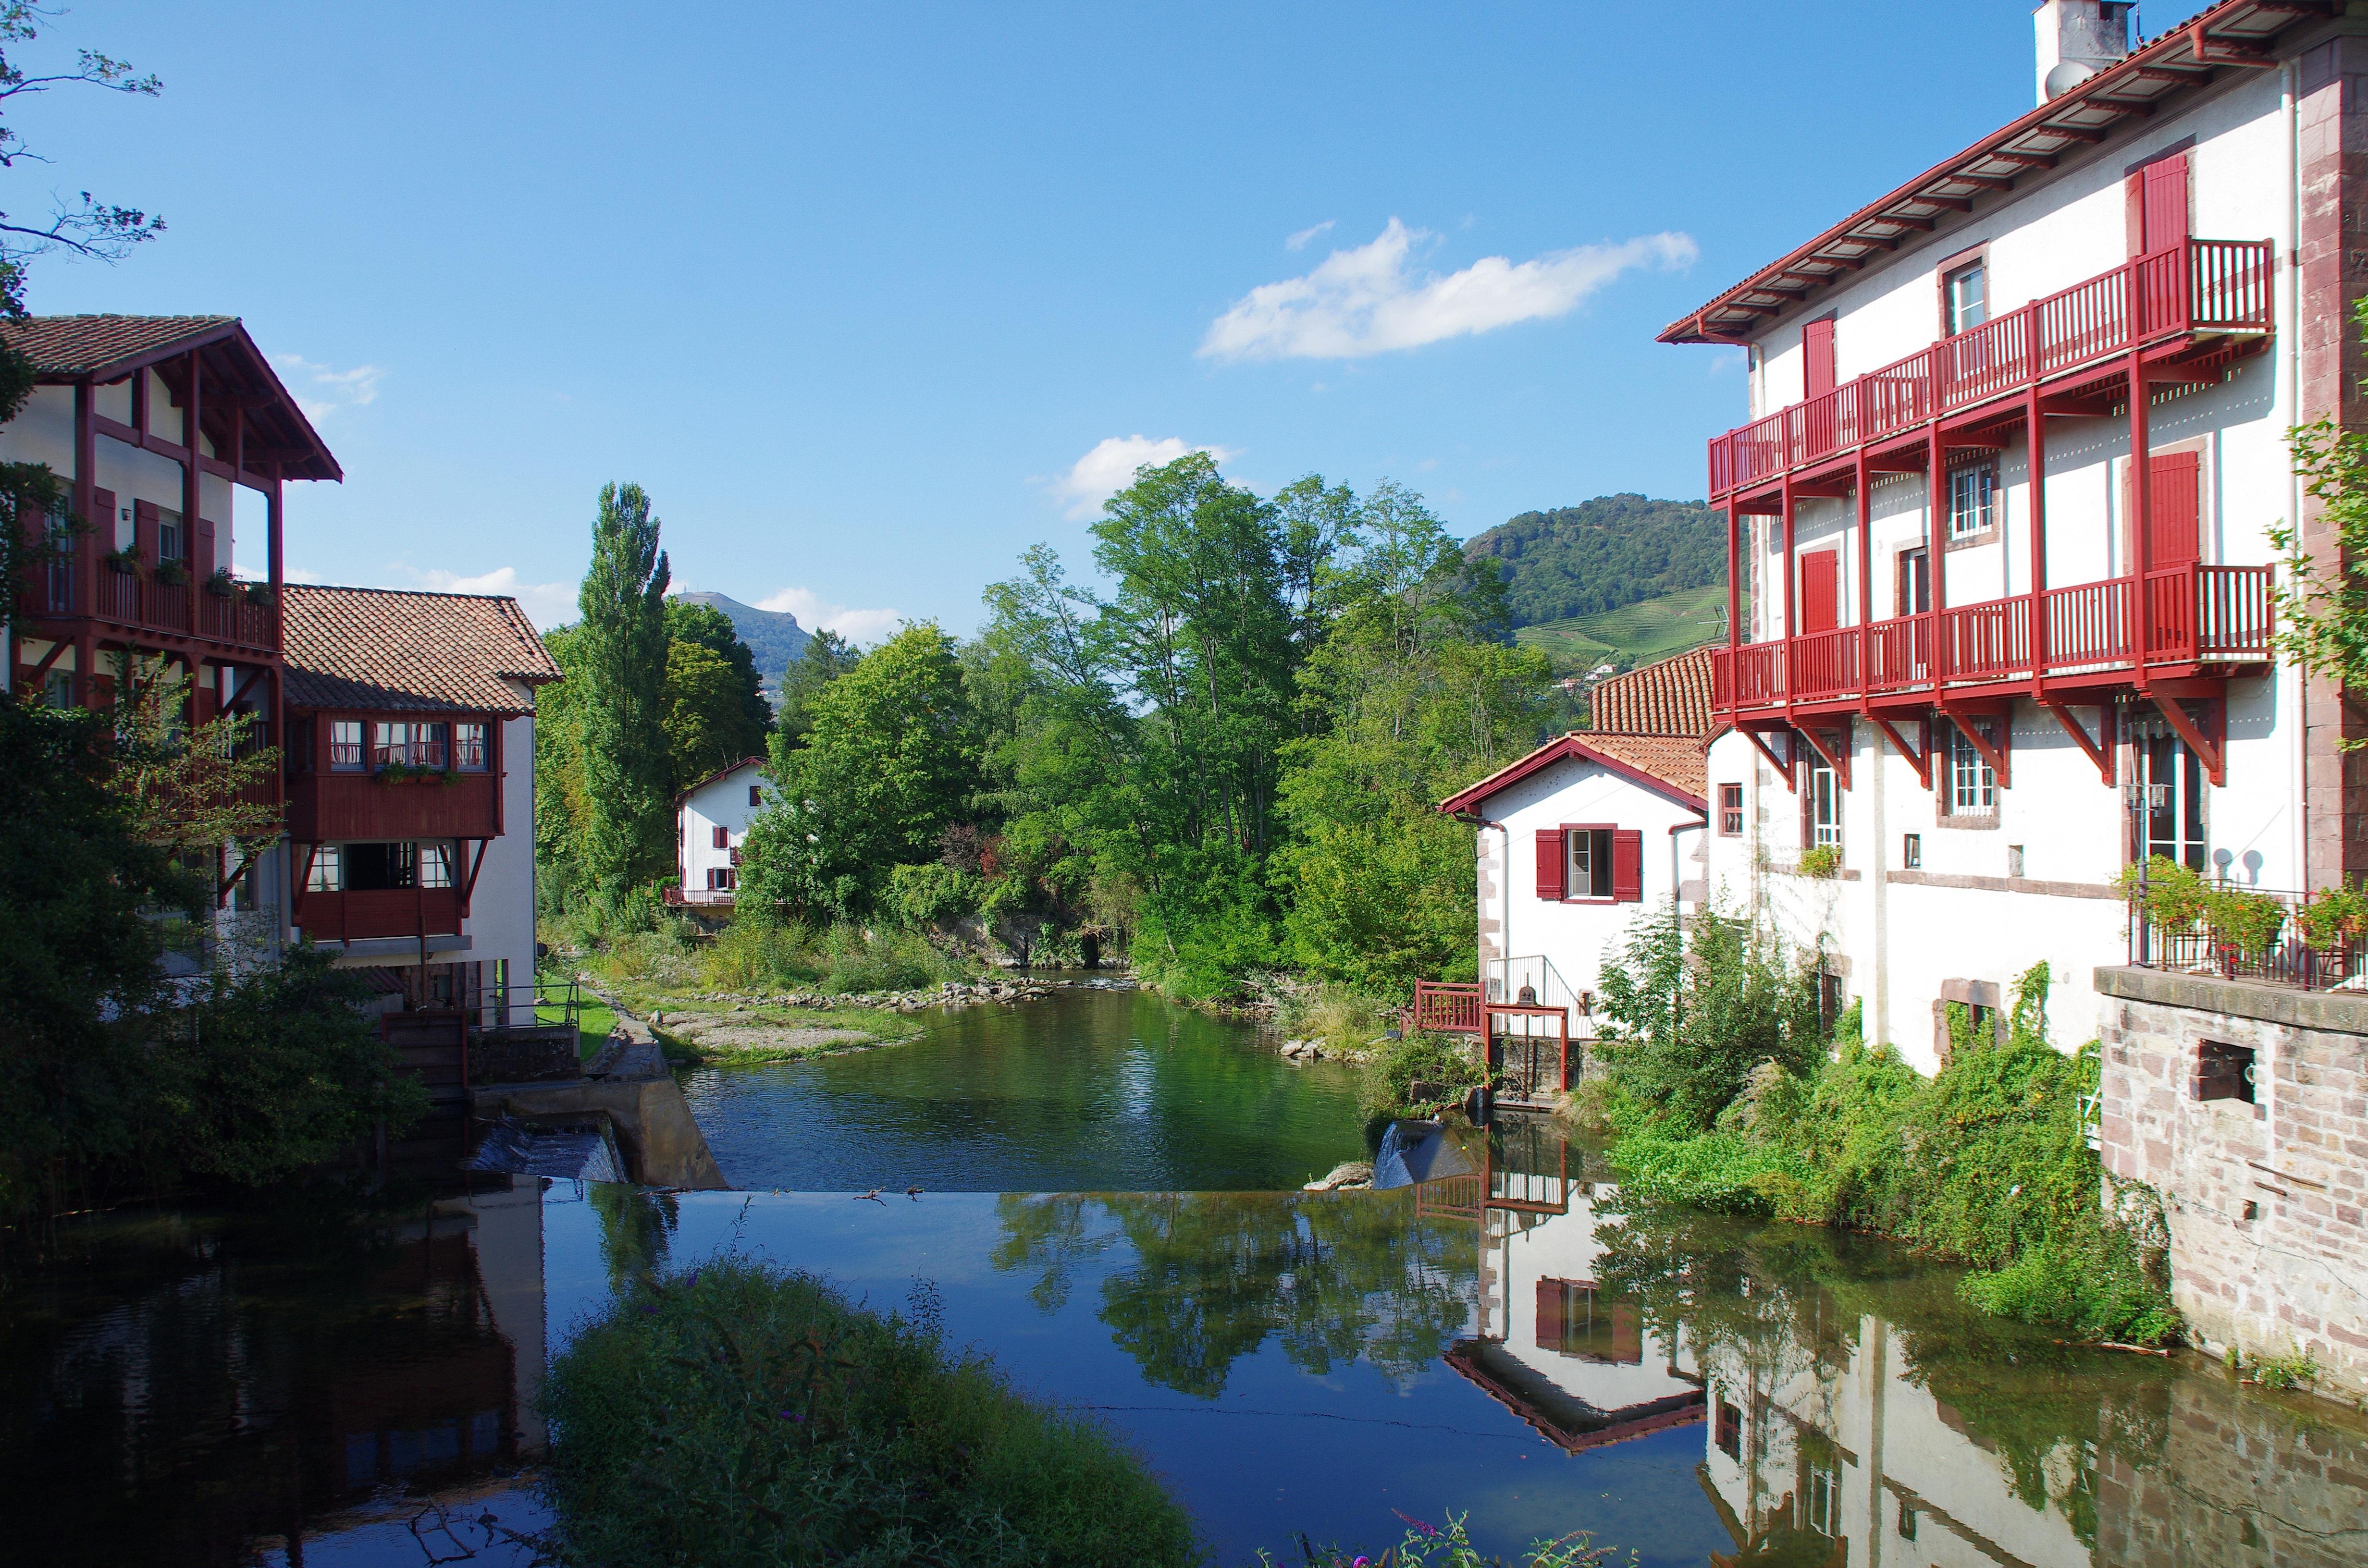 Images gratuites paysage pont villa maison ville b timent rivi re canal vacances - Mairie st jean pied de port ...